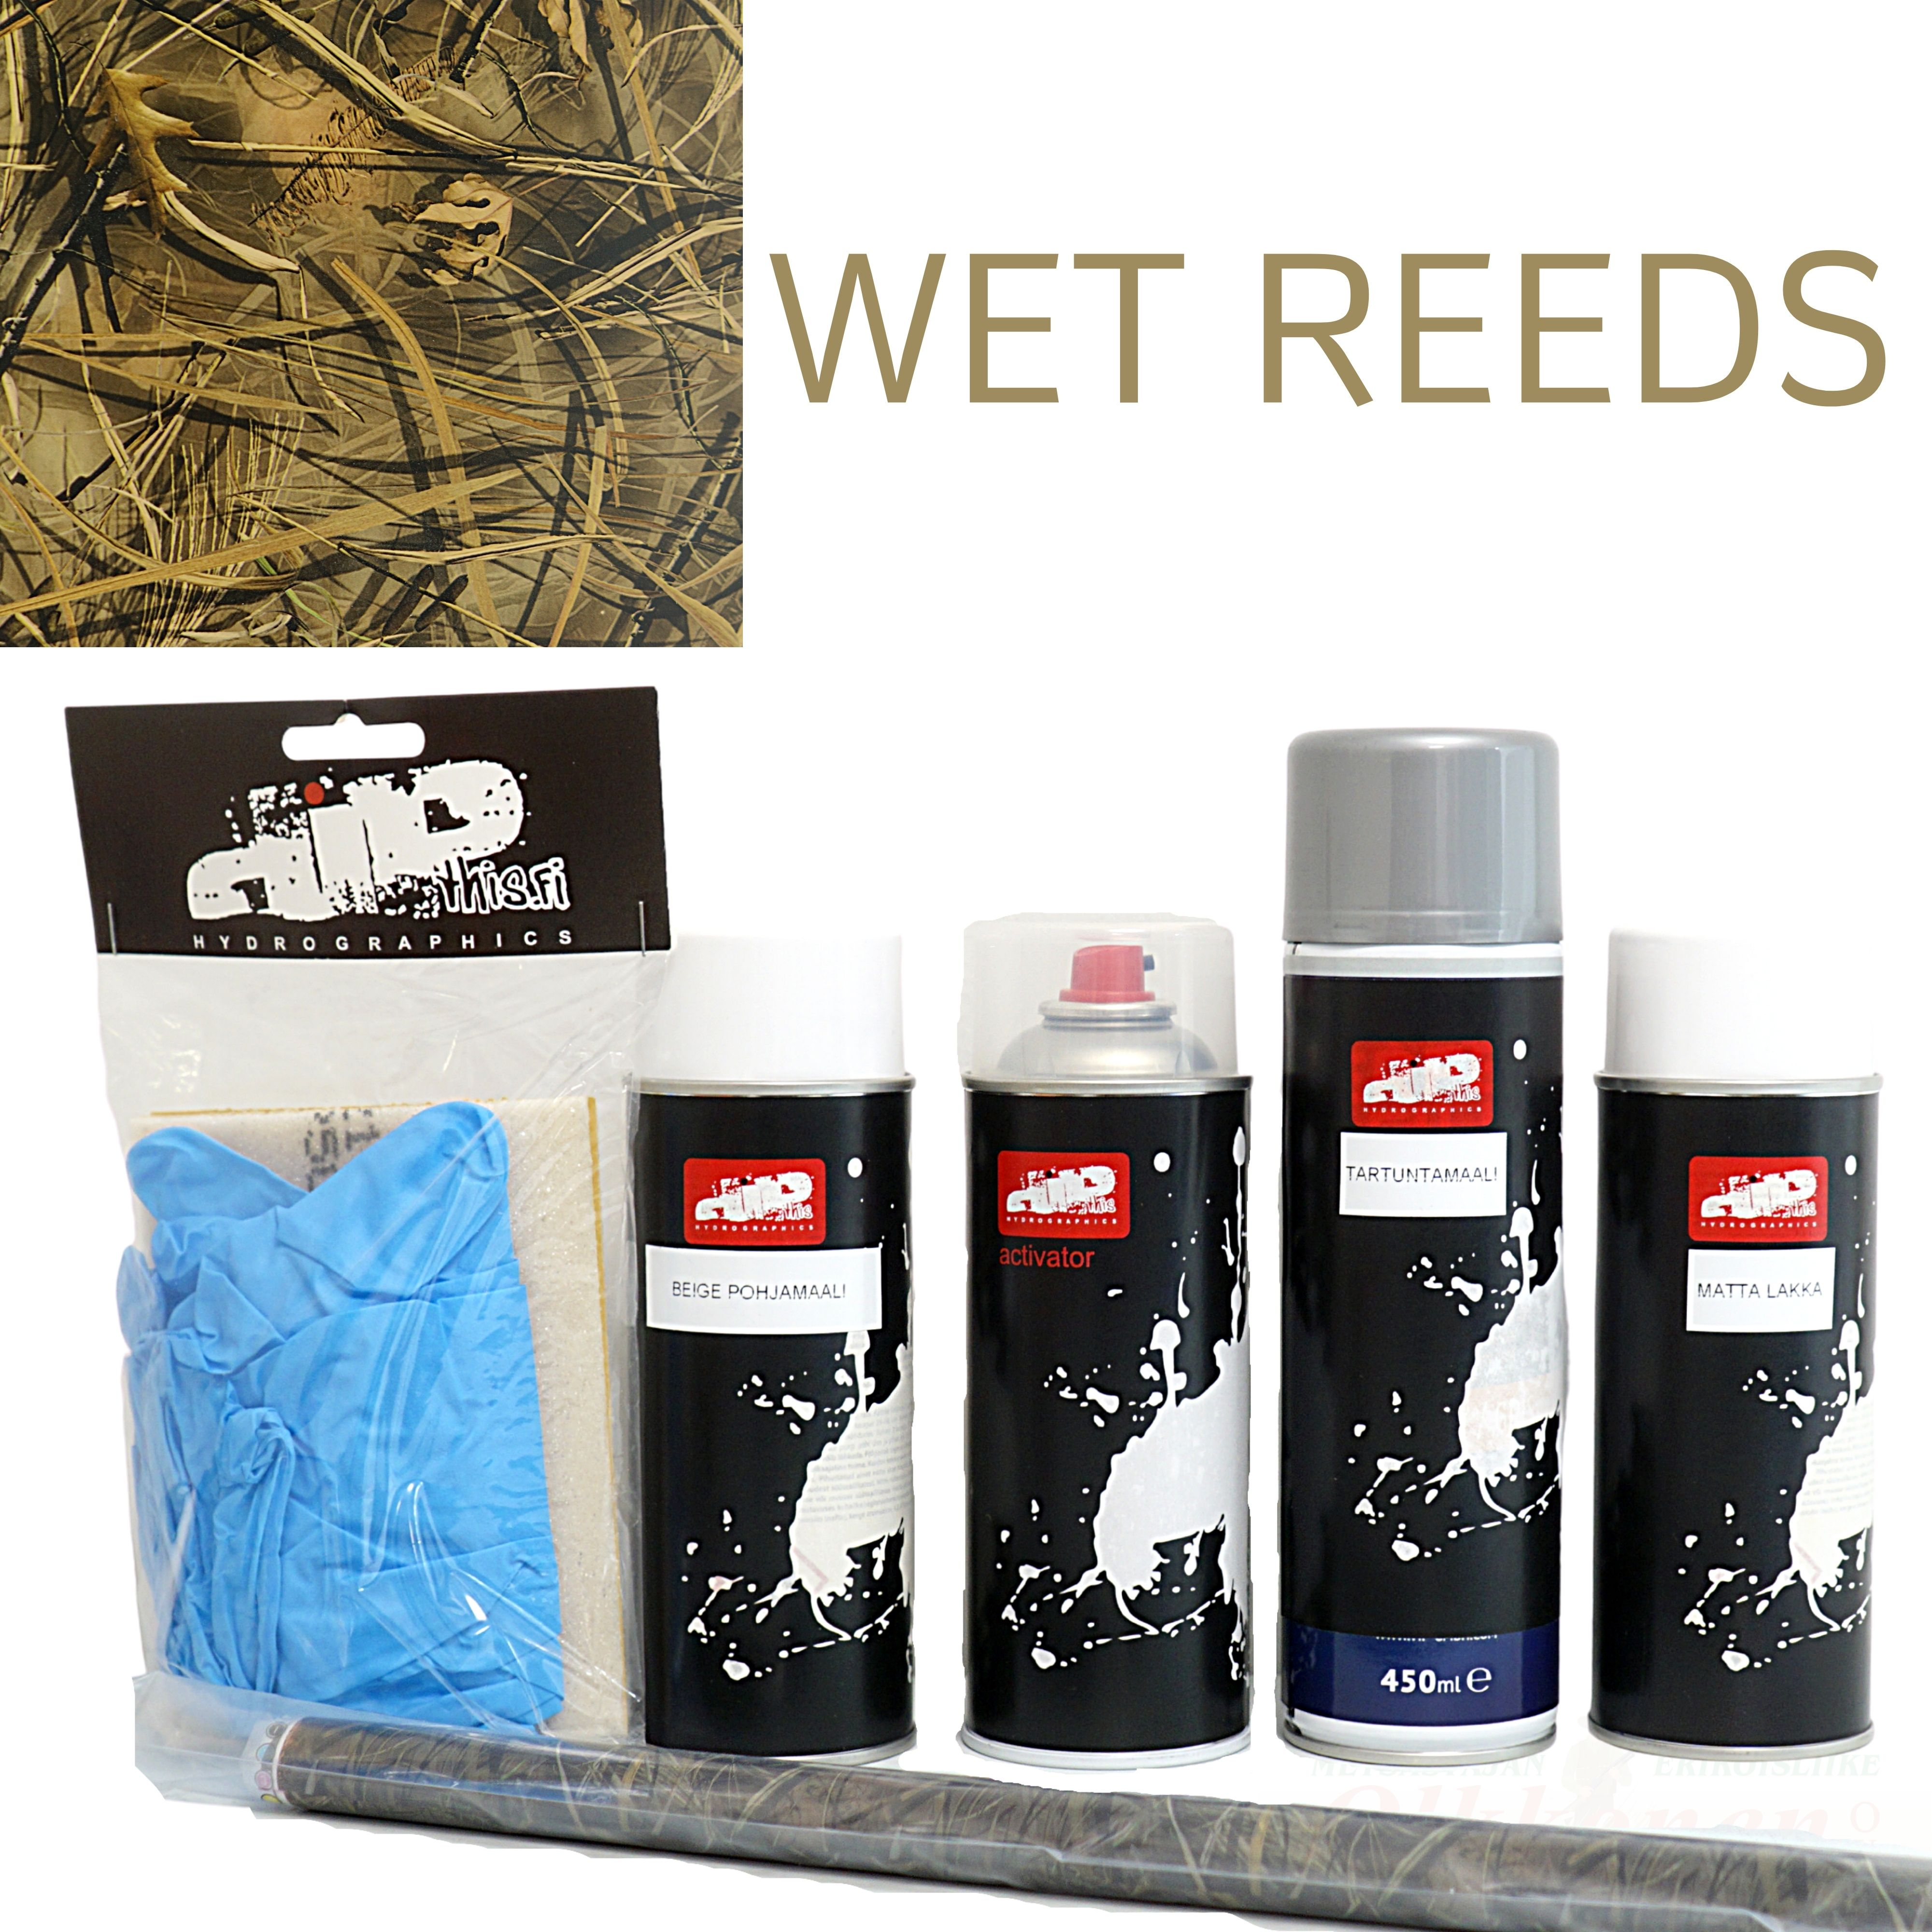 Dippaussetti Small Wet Reeds